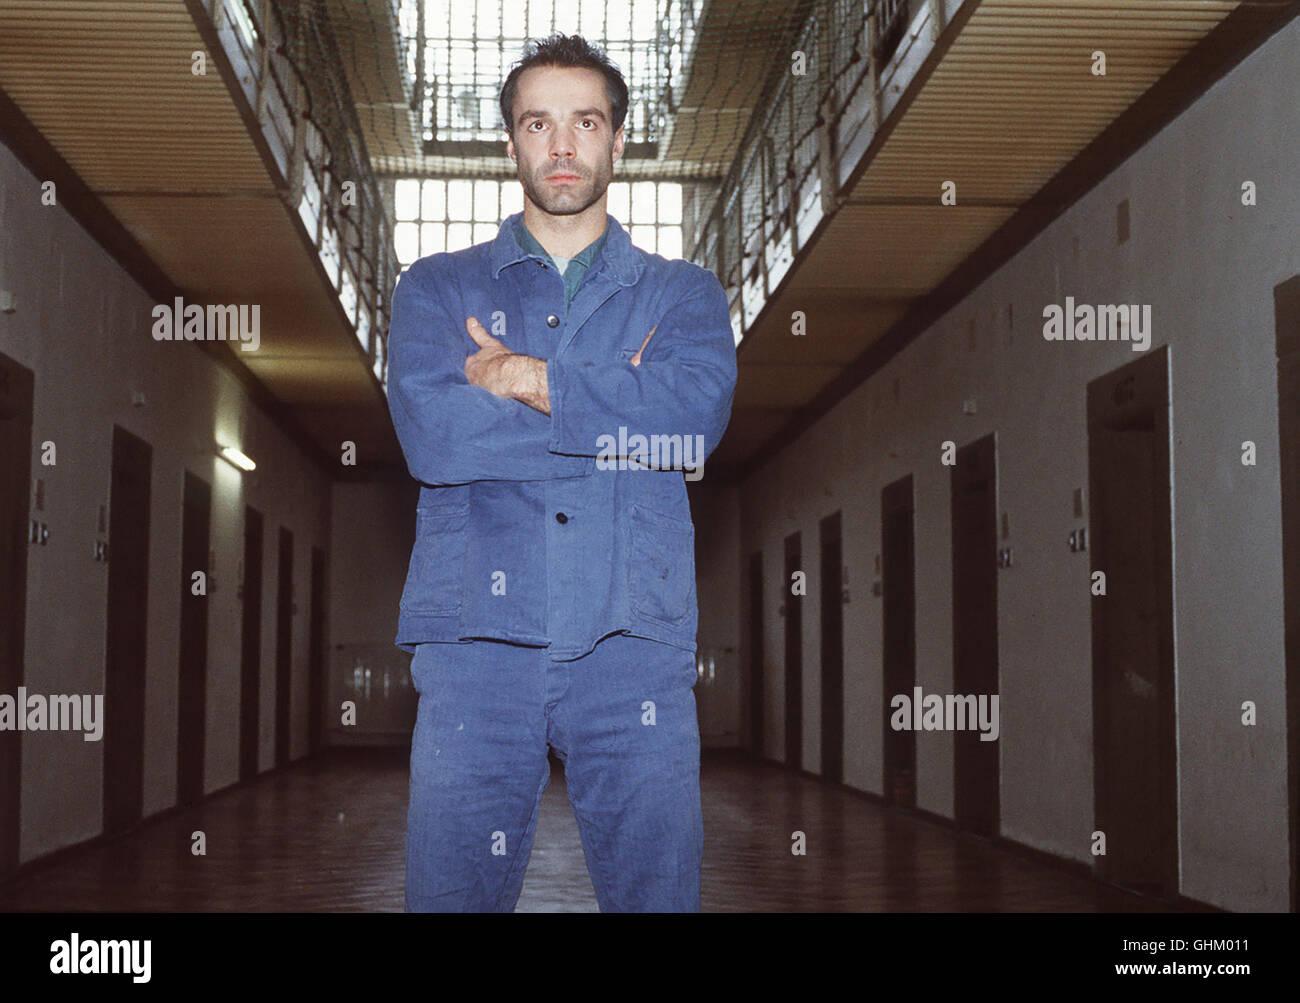 HANNES JAENICKE - Bankräuber Siegfried Dennery - im Gefängnis. Regie: Wolfgang Mühlbauer Stock Photo